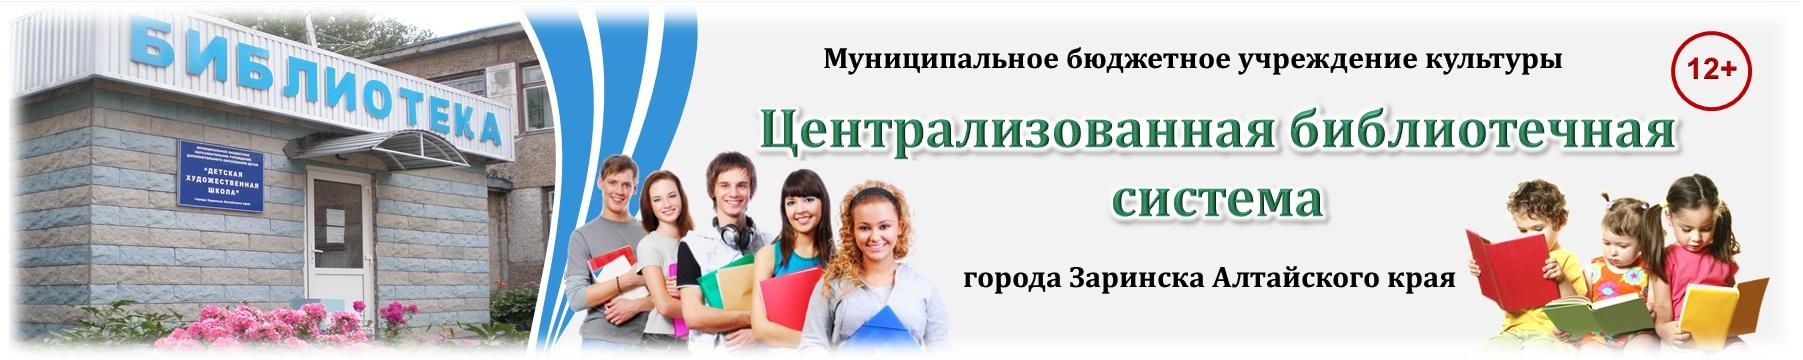 """МБУК """"Централизованная библиотечная система"""" г. Заринска"""